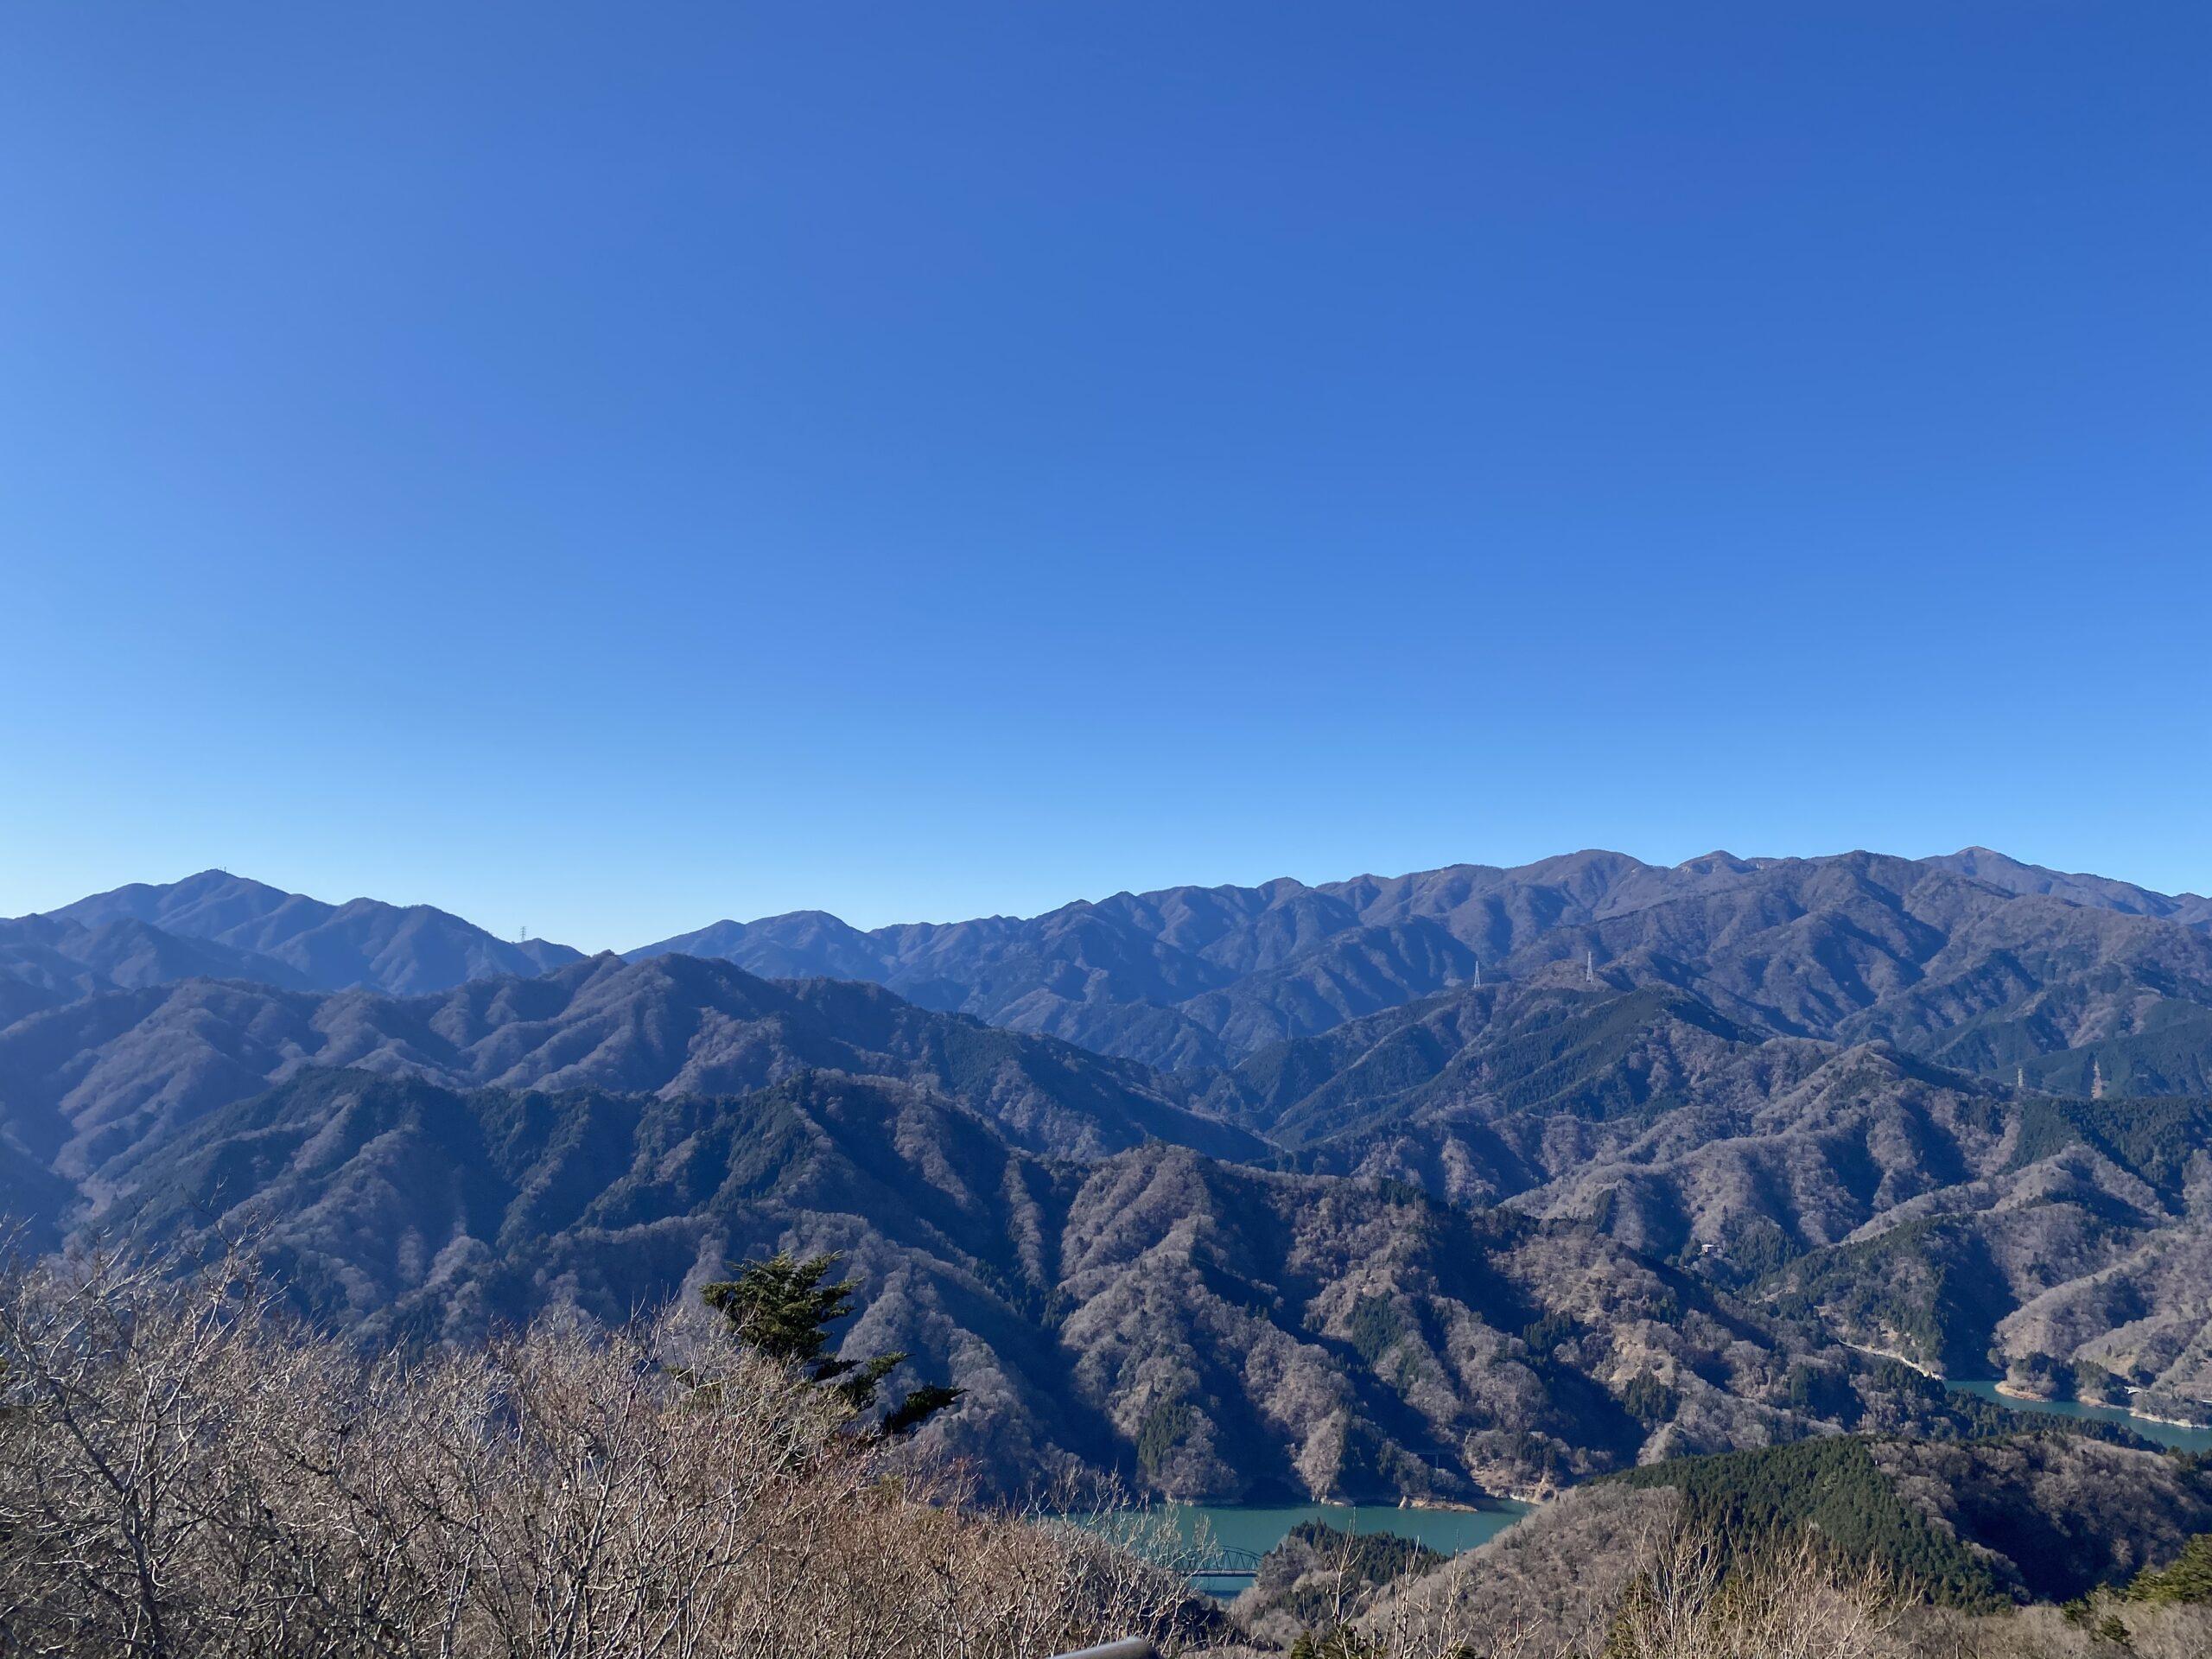 two-nagual トレッキング ③<br>1000m峰に挑戦!<br>2021年6月12日(土)開催のお知らせ